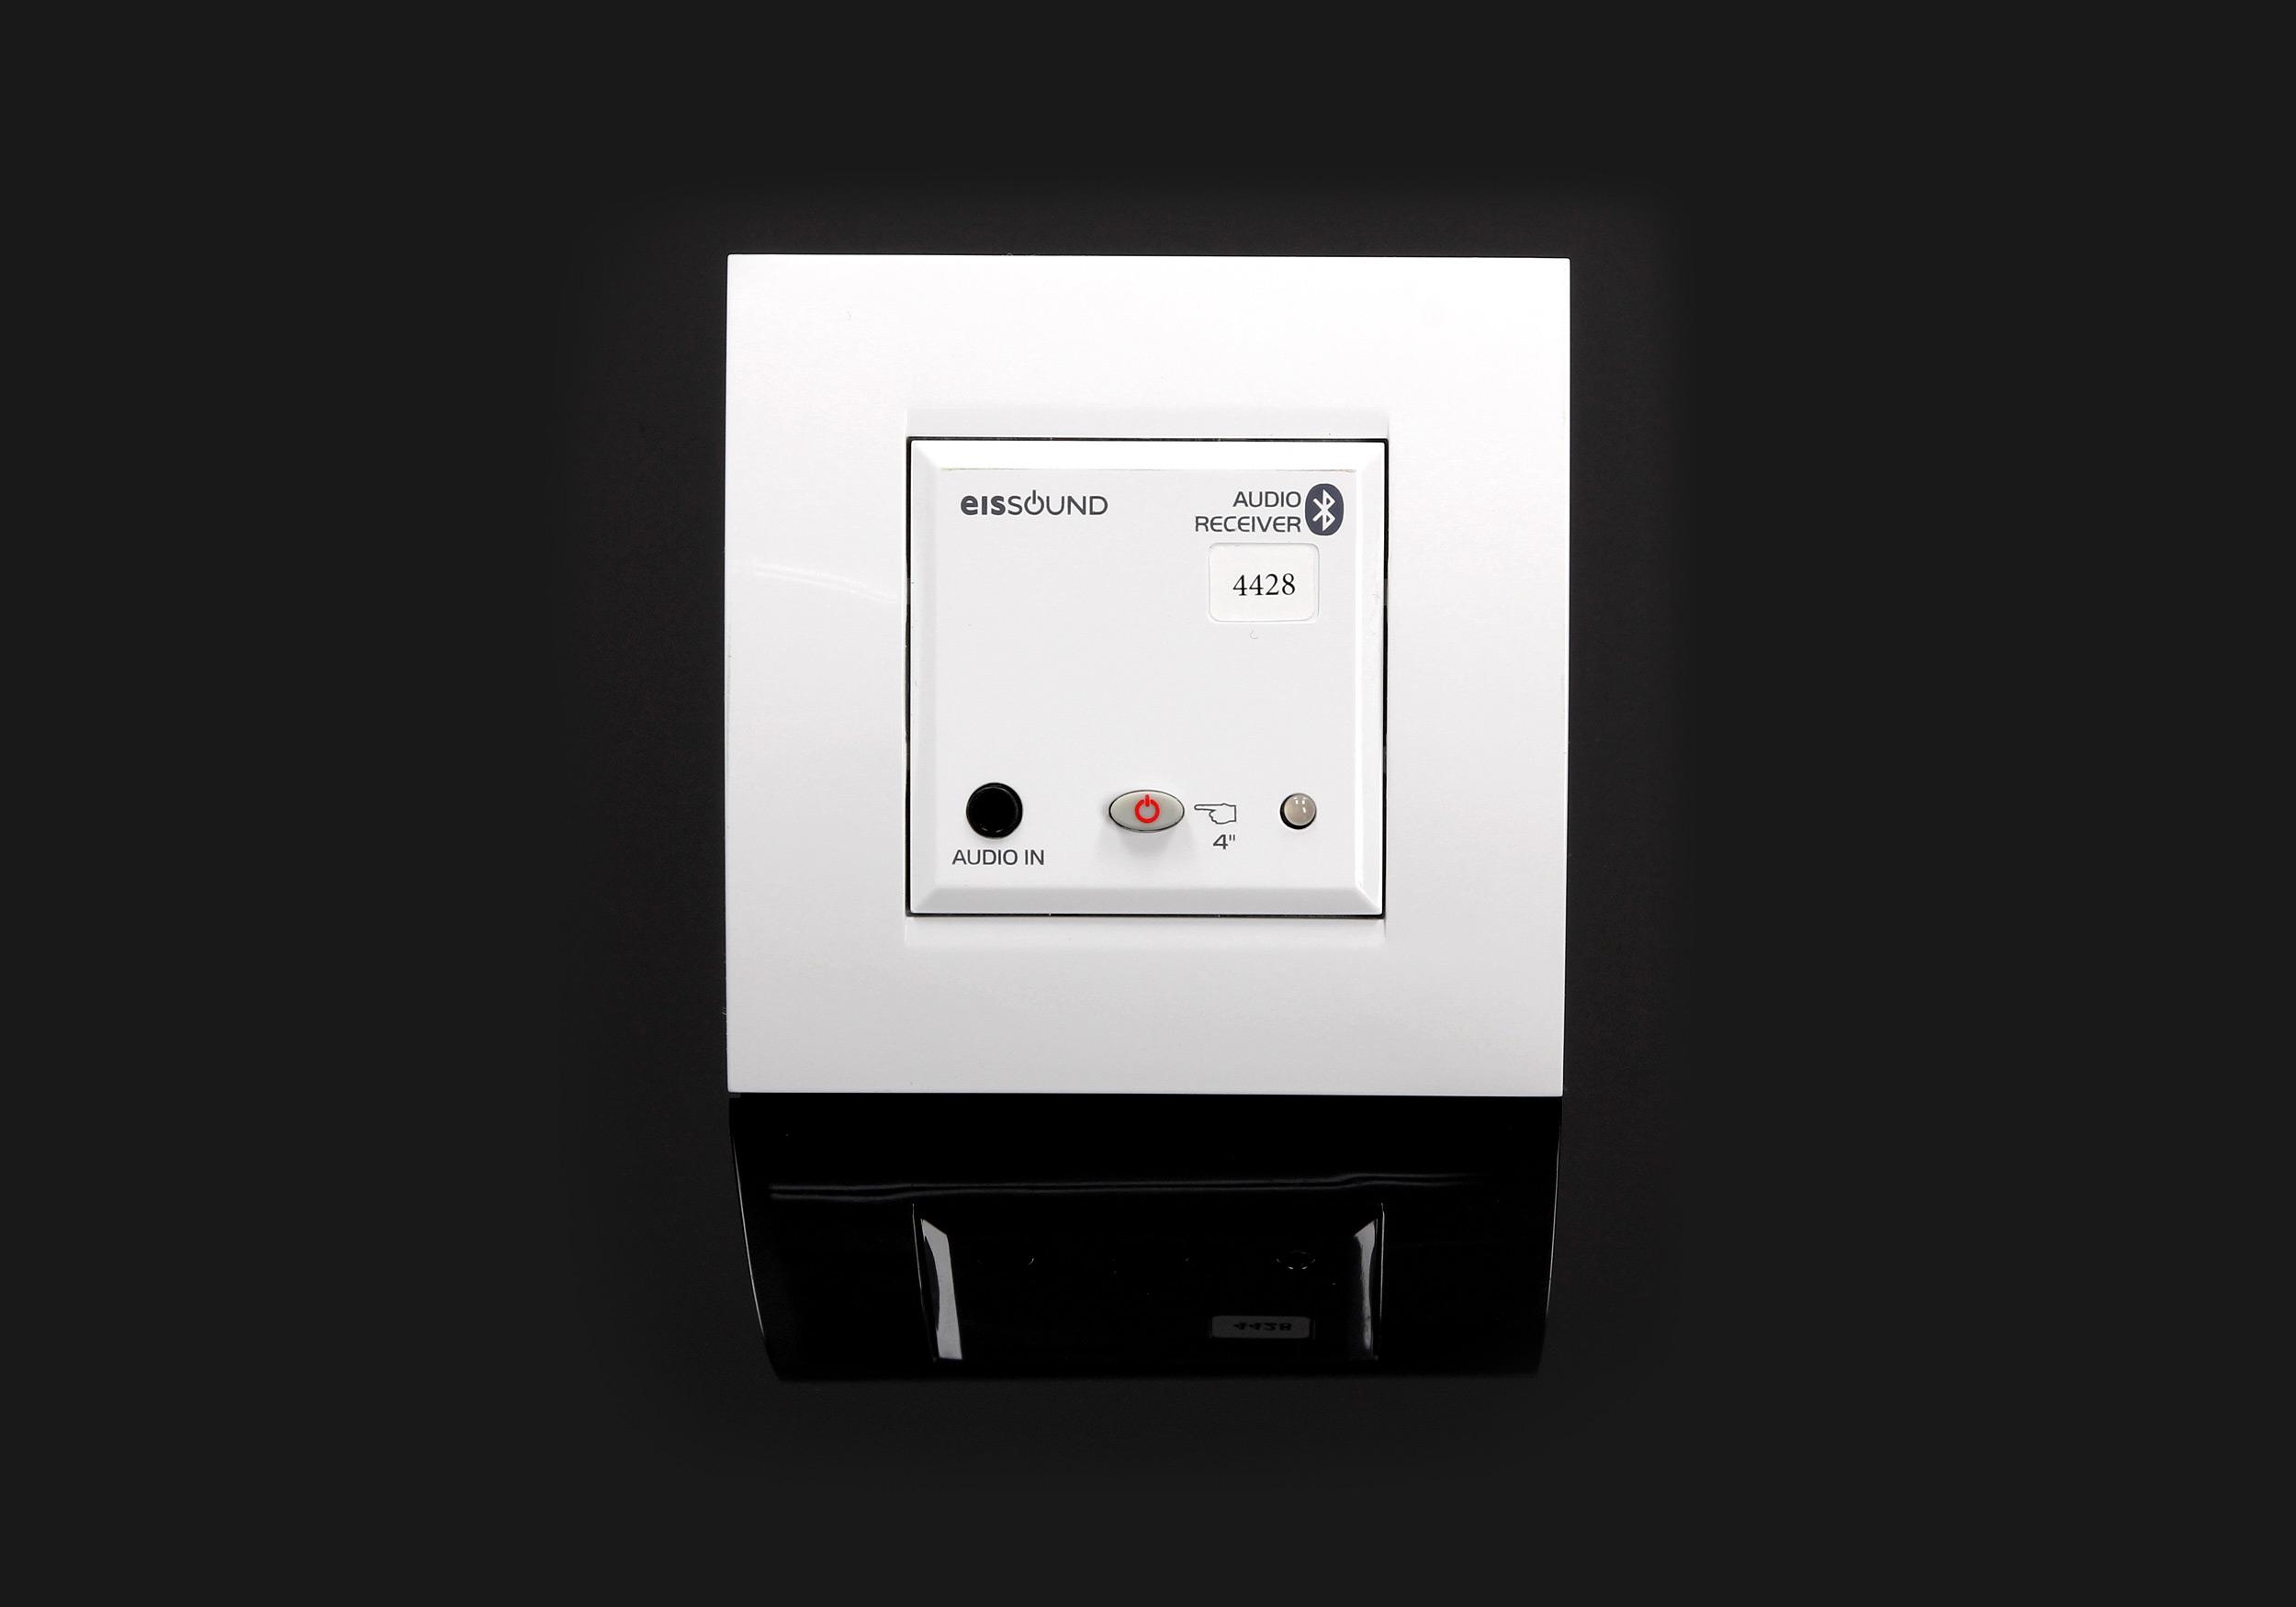 Jednostka sterująca systemu nagłośnienia Bluetooth In-Wall Eis Sound do kuchni